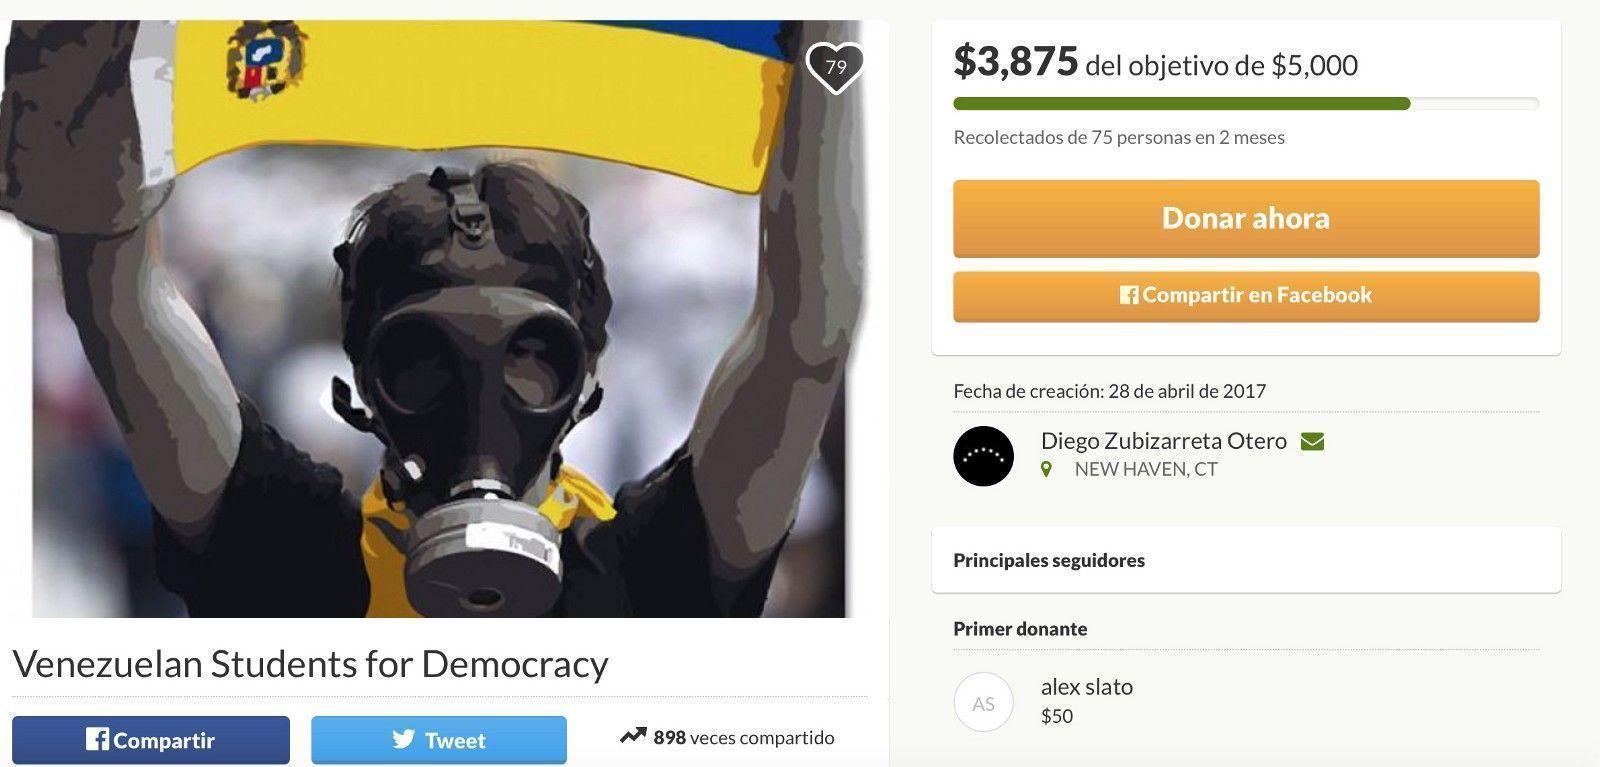 violencia-en-venezuela-como-negocio-en-internet-04